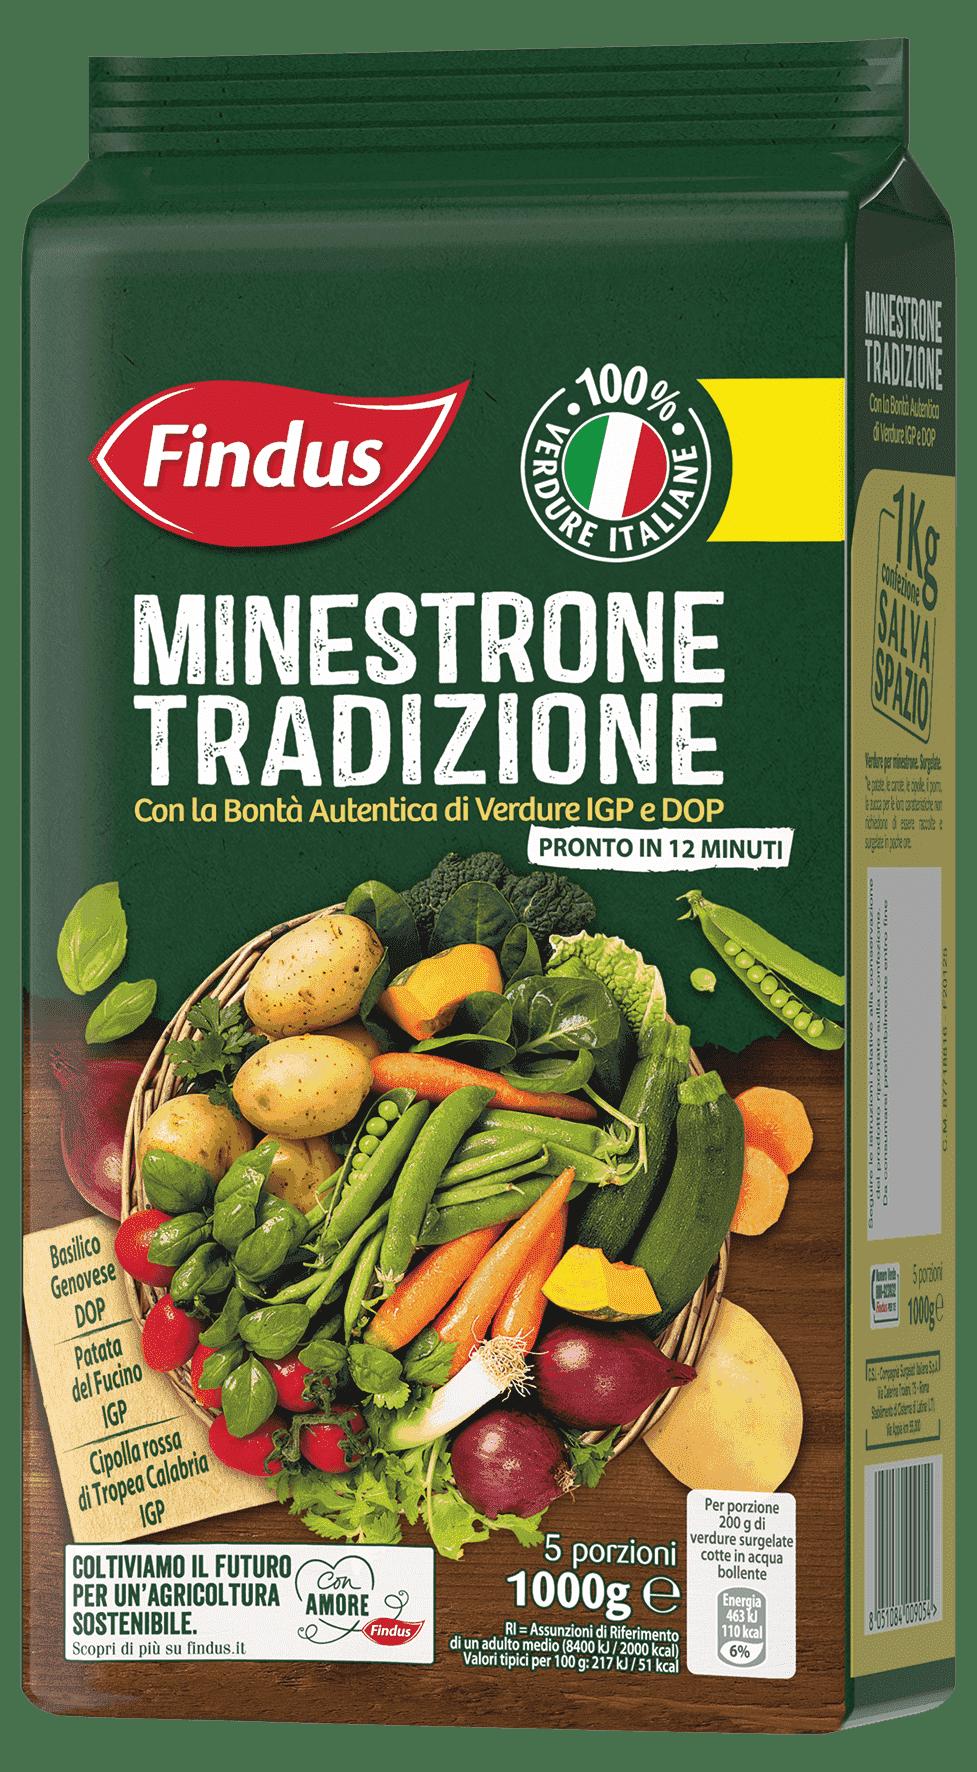 minestrone tradizione - Minestroni Findus